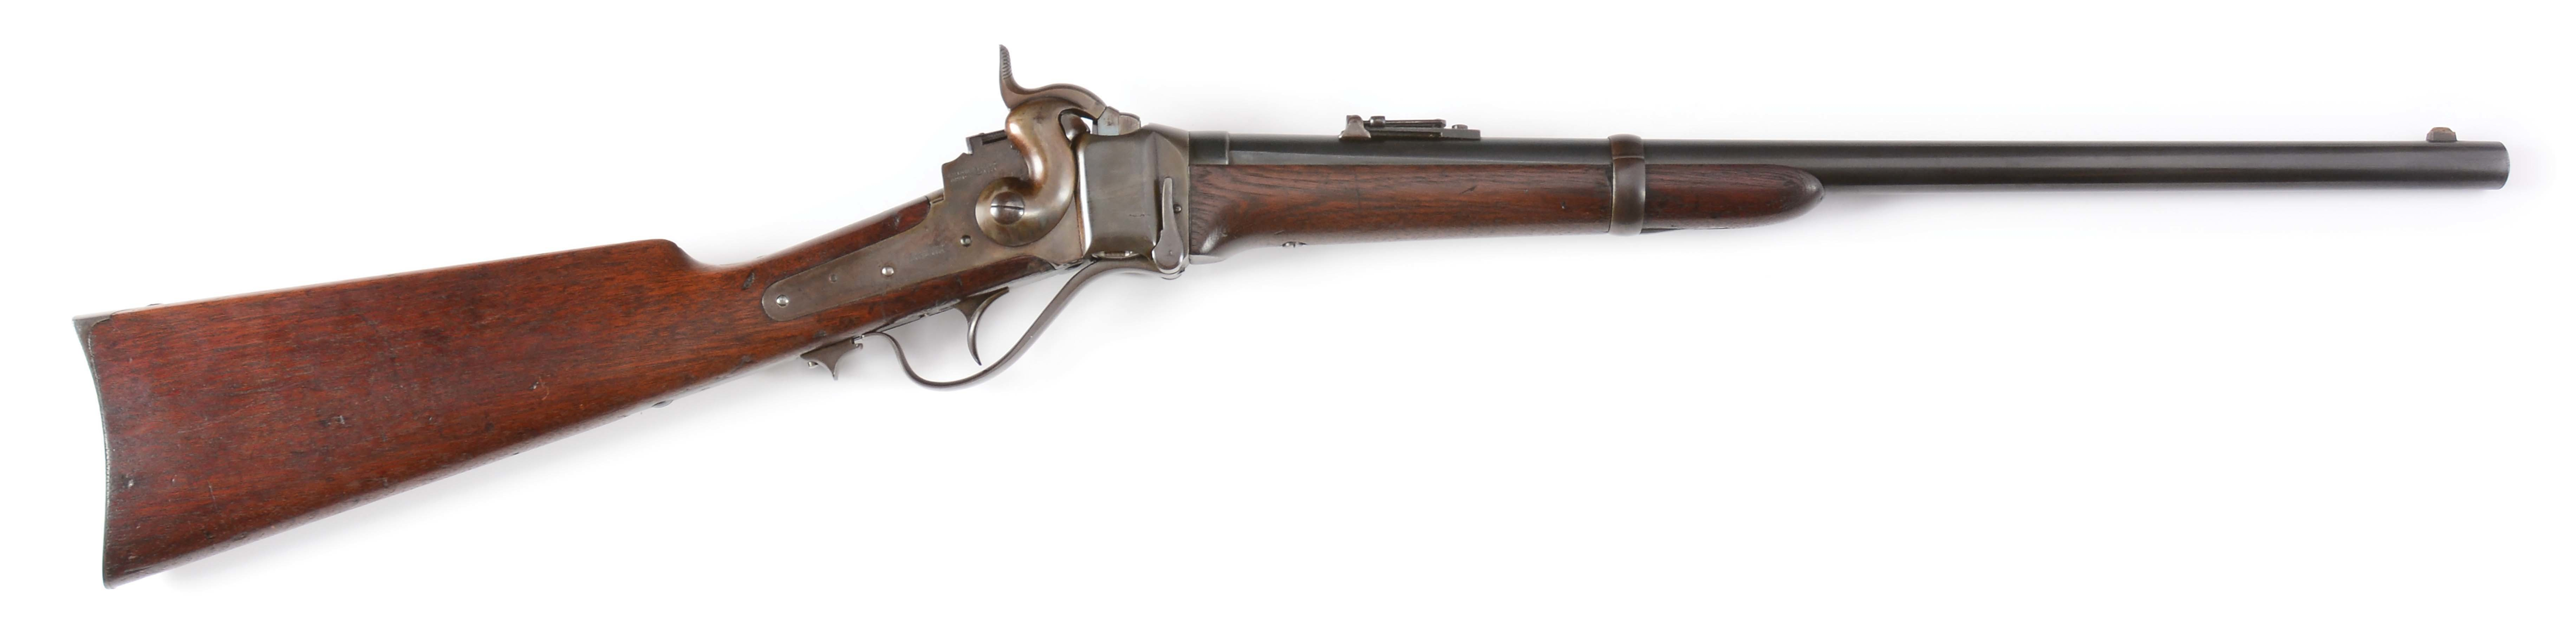 1867 Sharps Karabiner